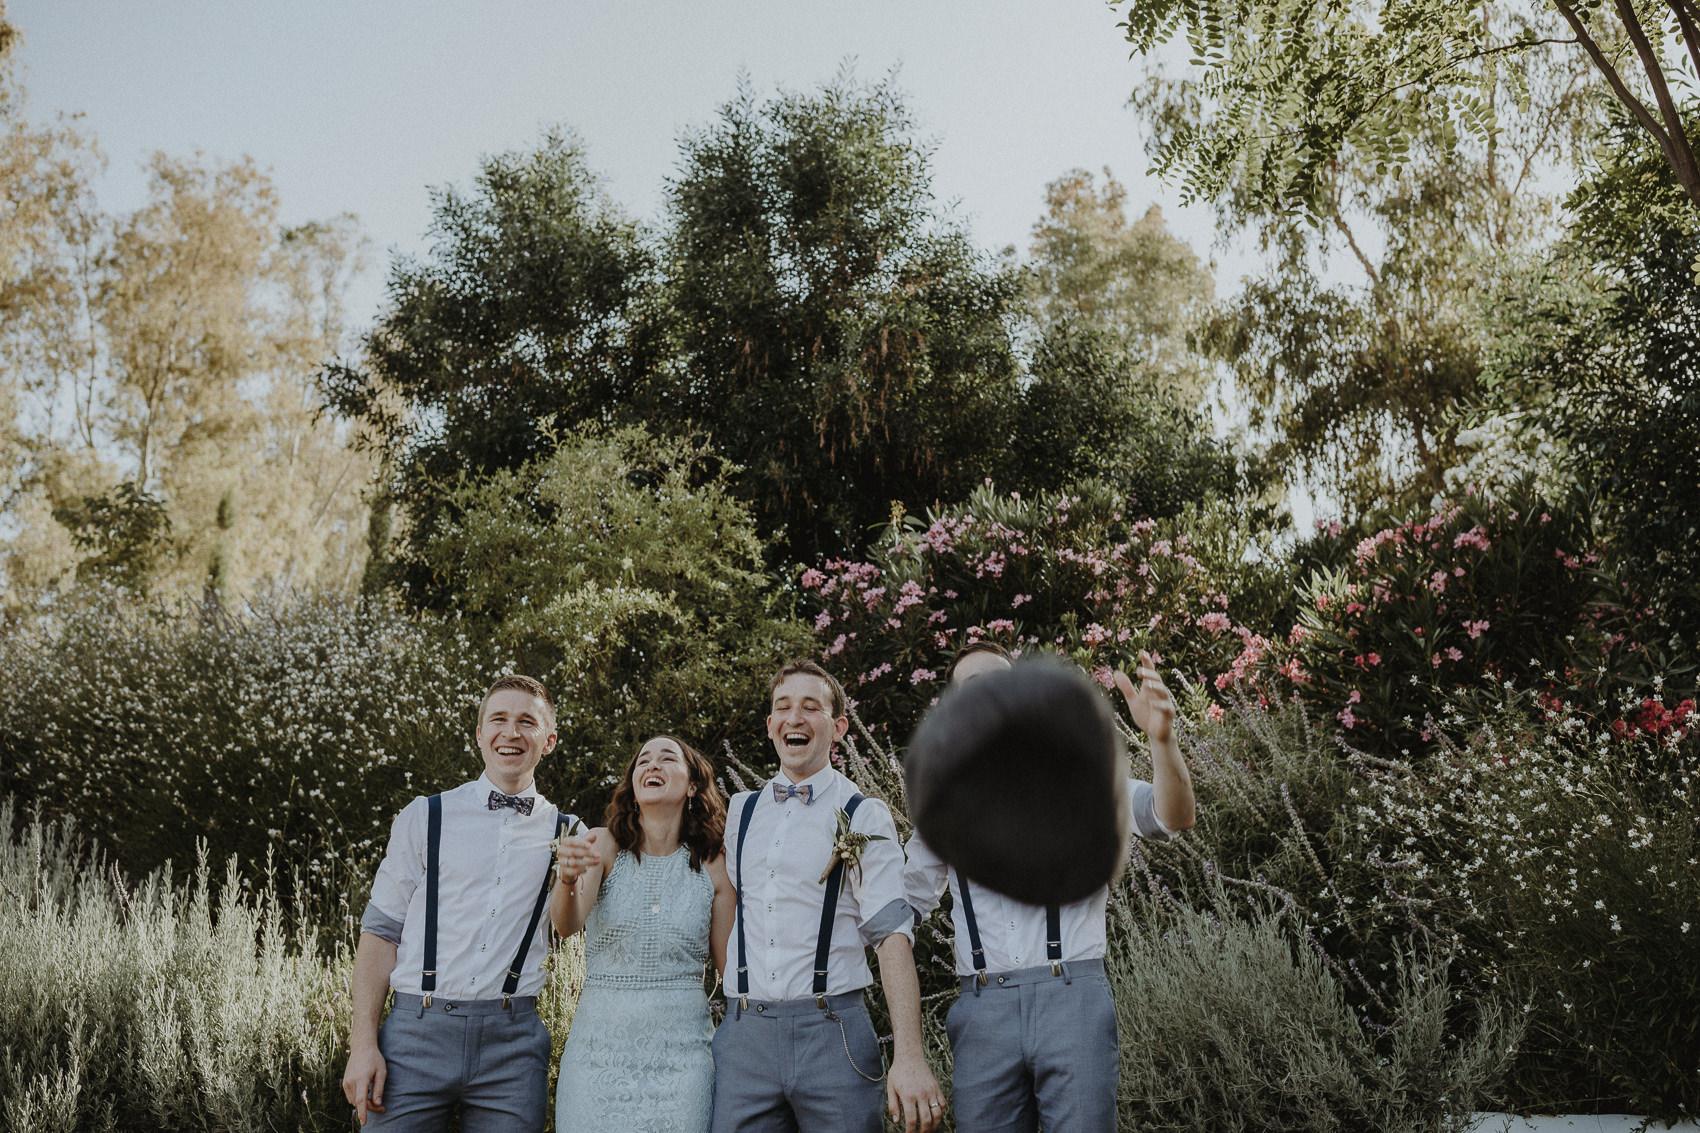 Sarah & Bill | Summer wedding at Cortijo Rosa Blanca | Marbella - Spain 108